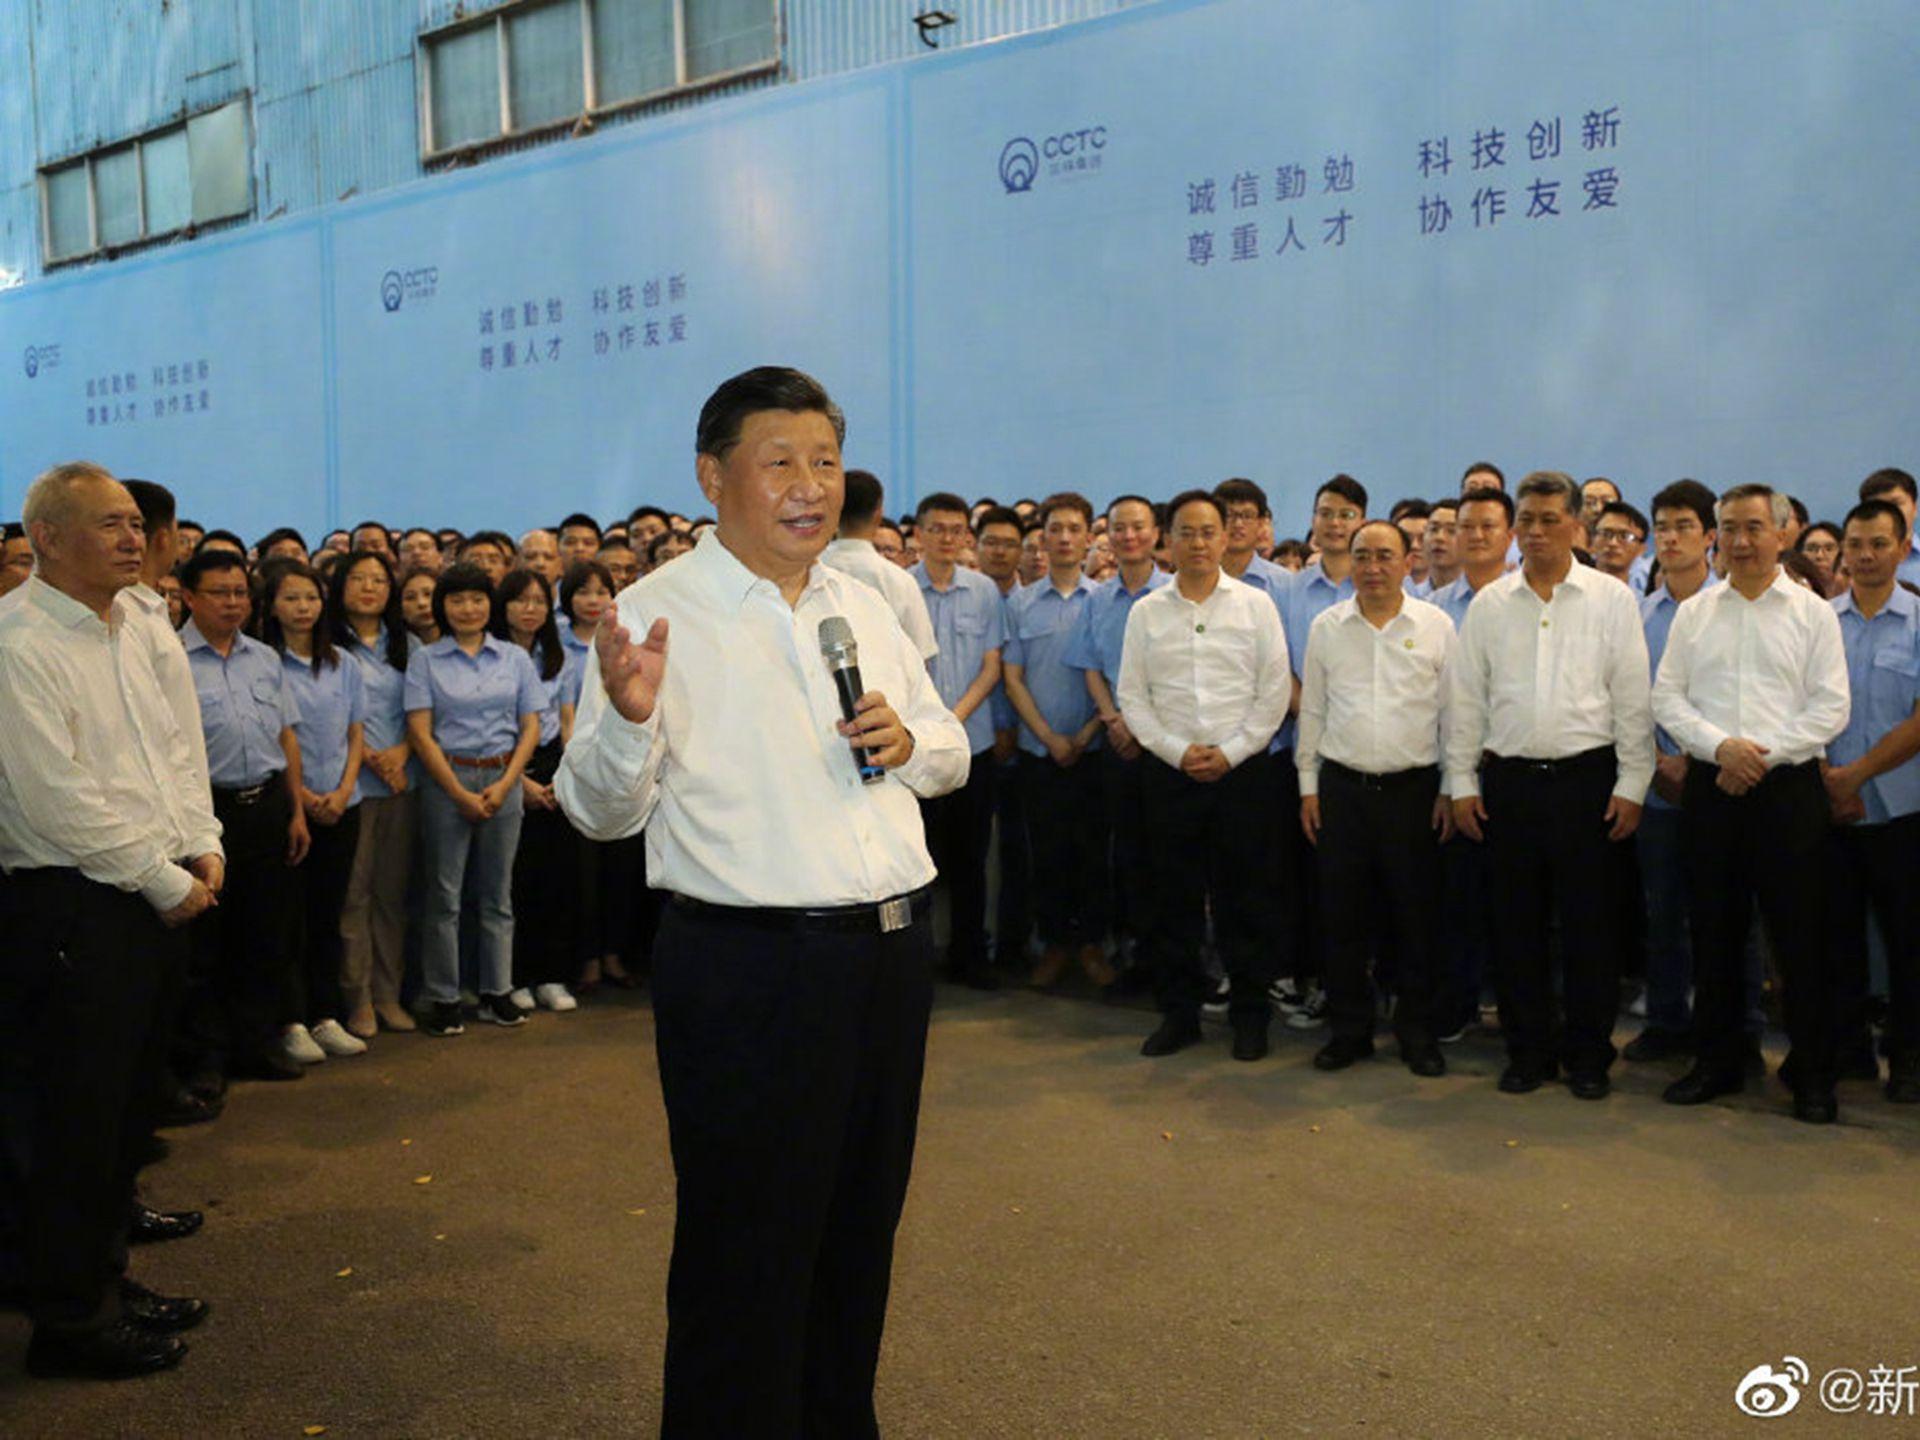 习近平前往了潮州三环(集团)股份有限公司。(微博@新华视点)